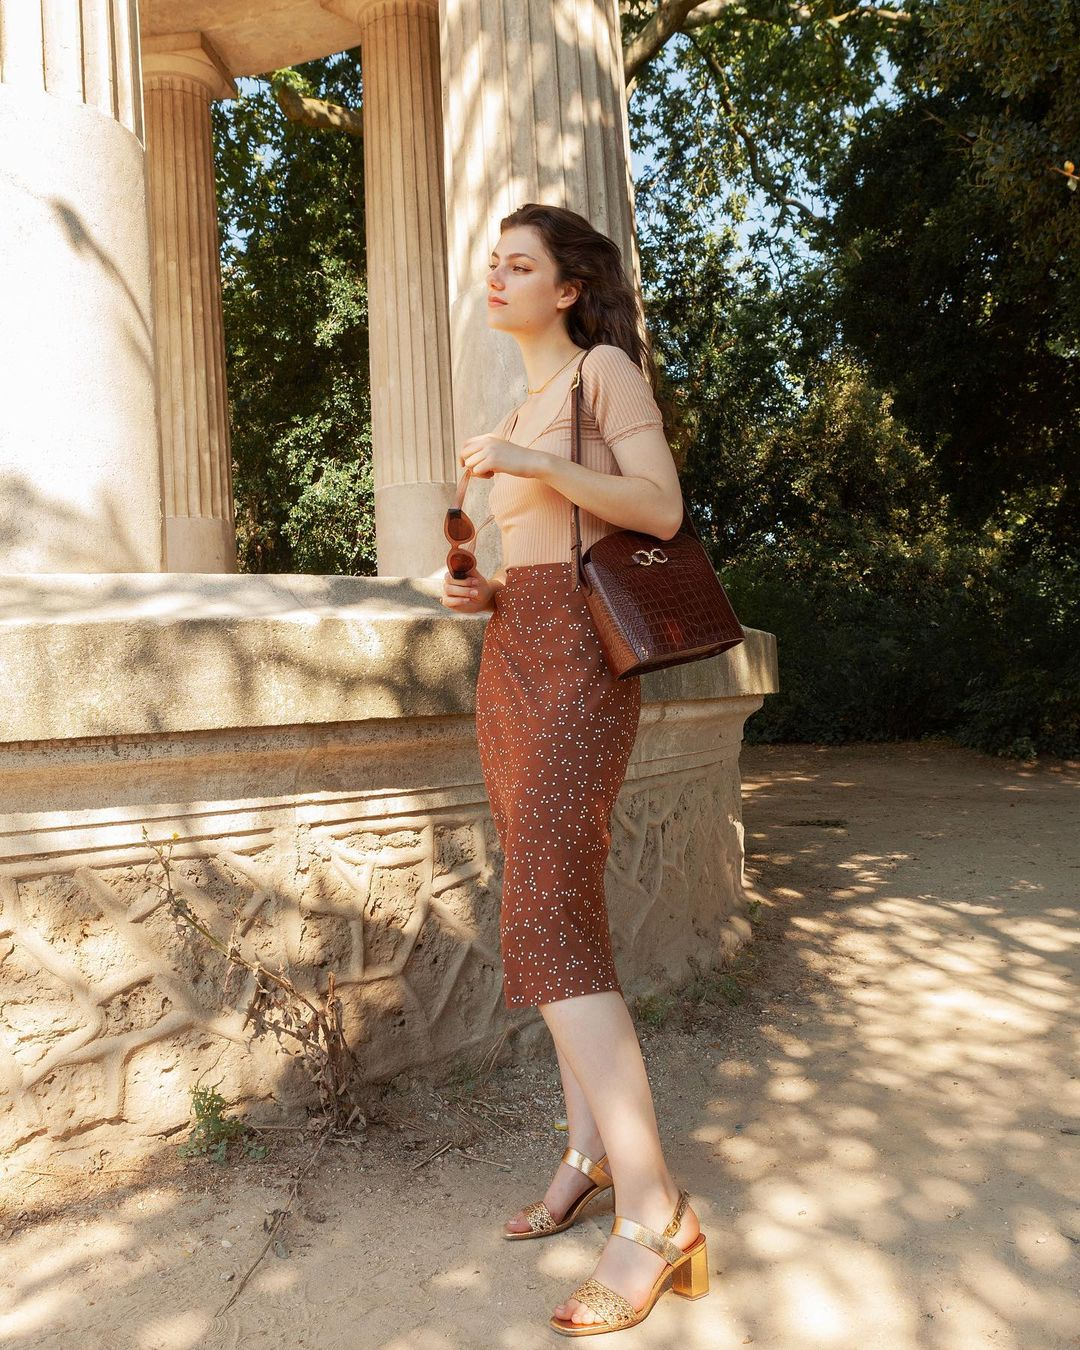 Khác với gái Hàn, phụ nữ Pháp diện chân váy dài trông nổi bật hơn hẳn nhưng vẫn sang ngút ngàn - Ảnh 8.